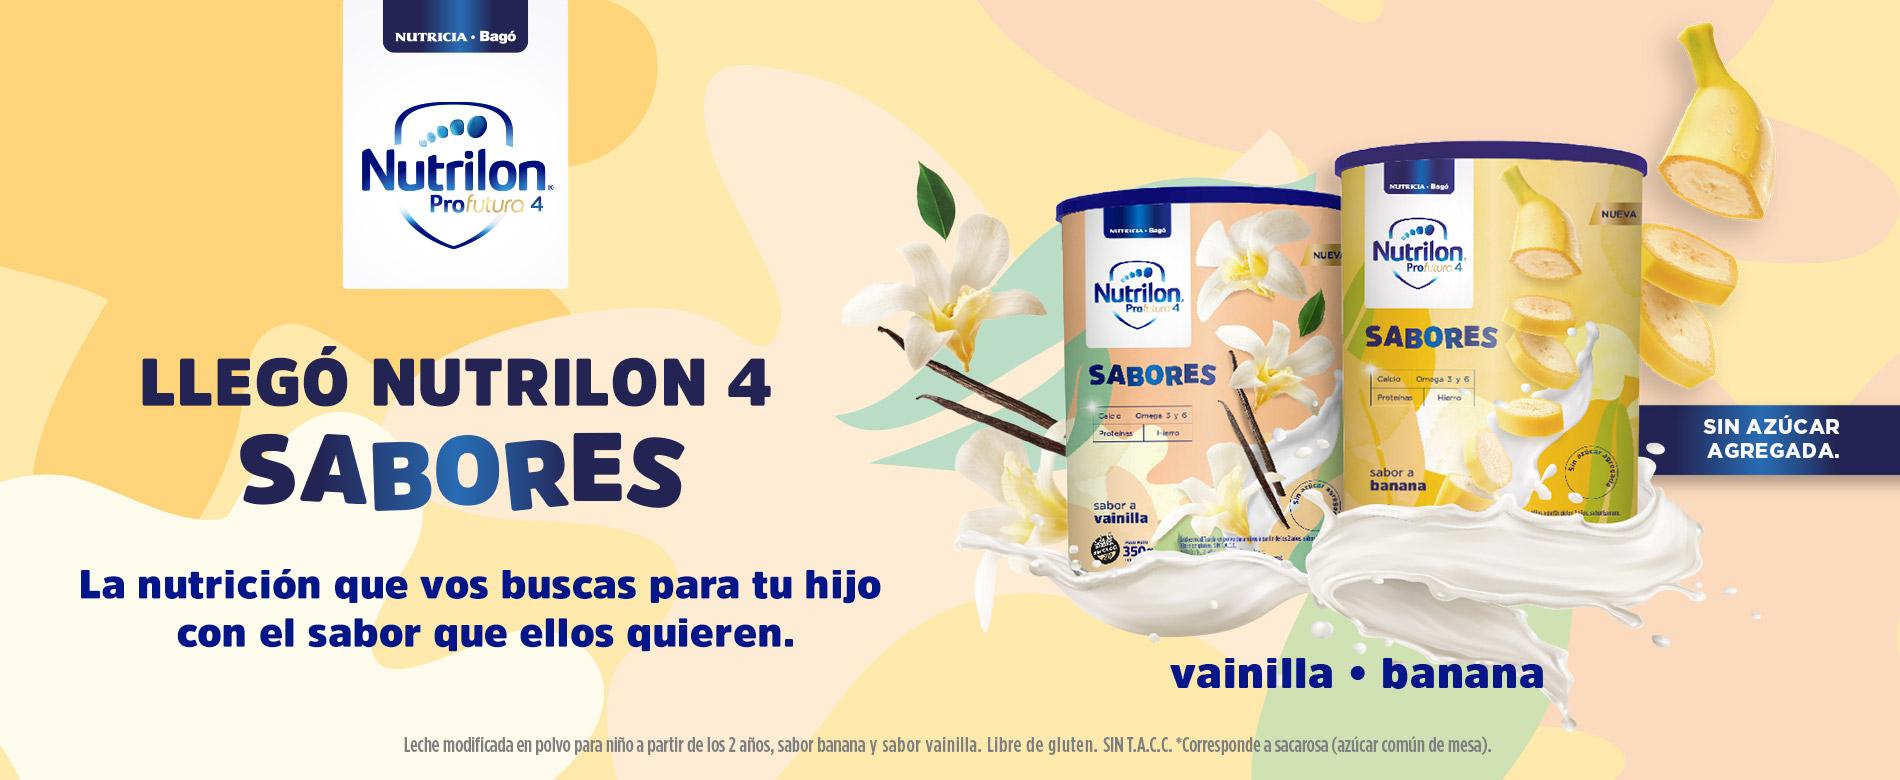 Nutrilon Sabores - Vainilla y Banana